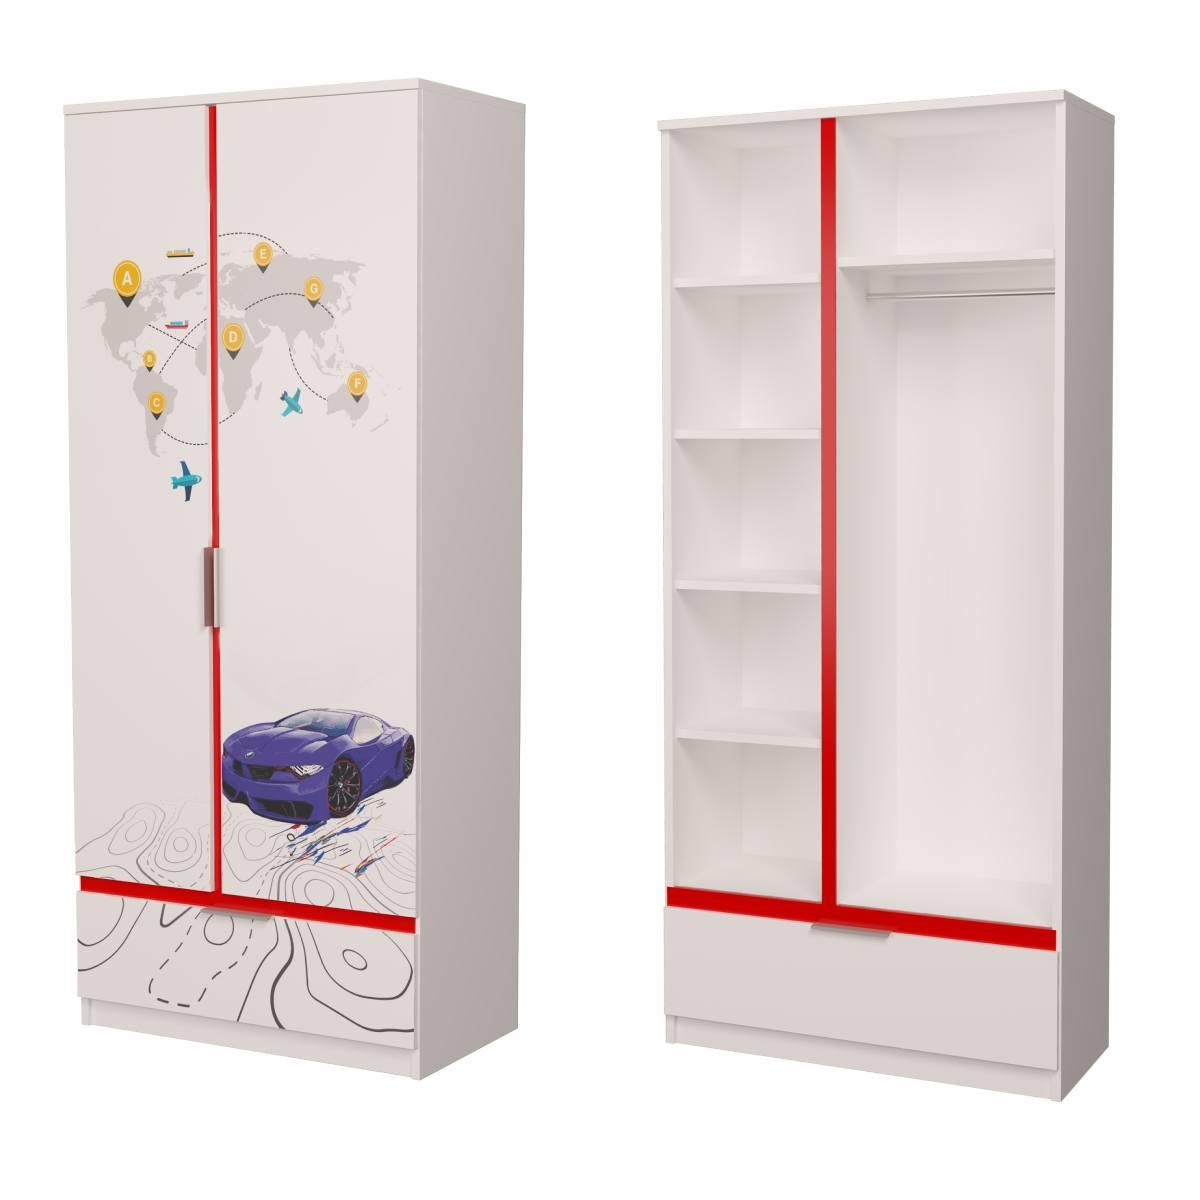 Детский шкаф бмв синий с красным